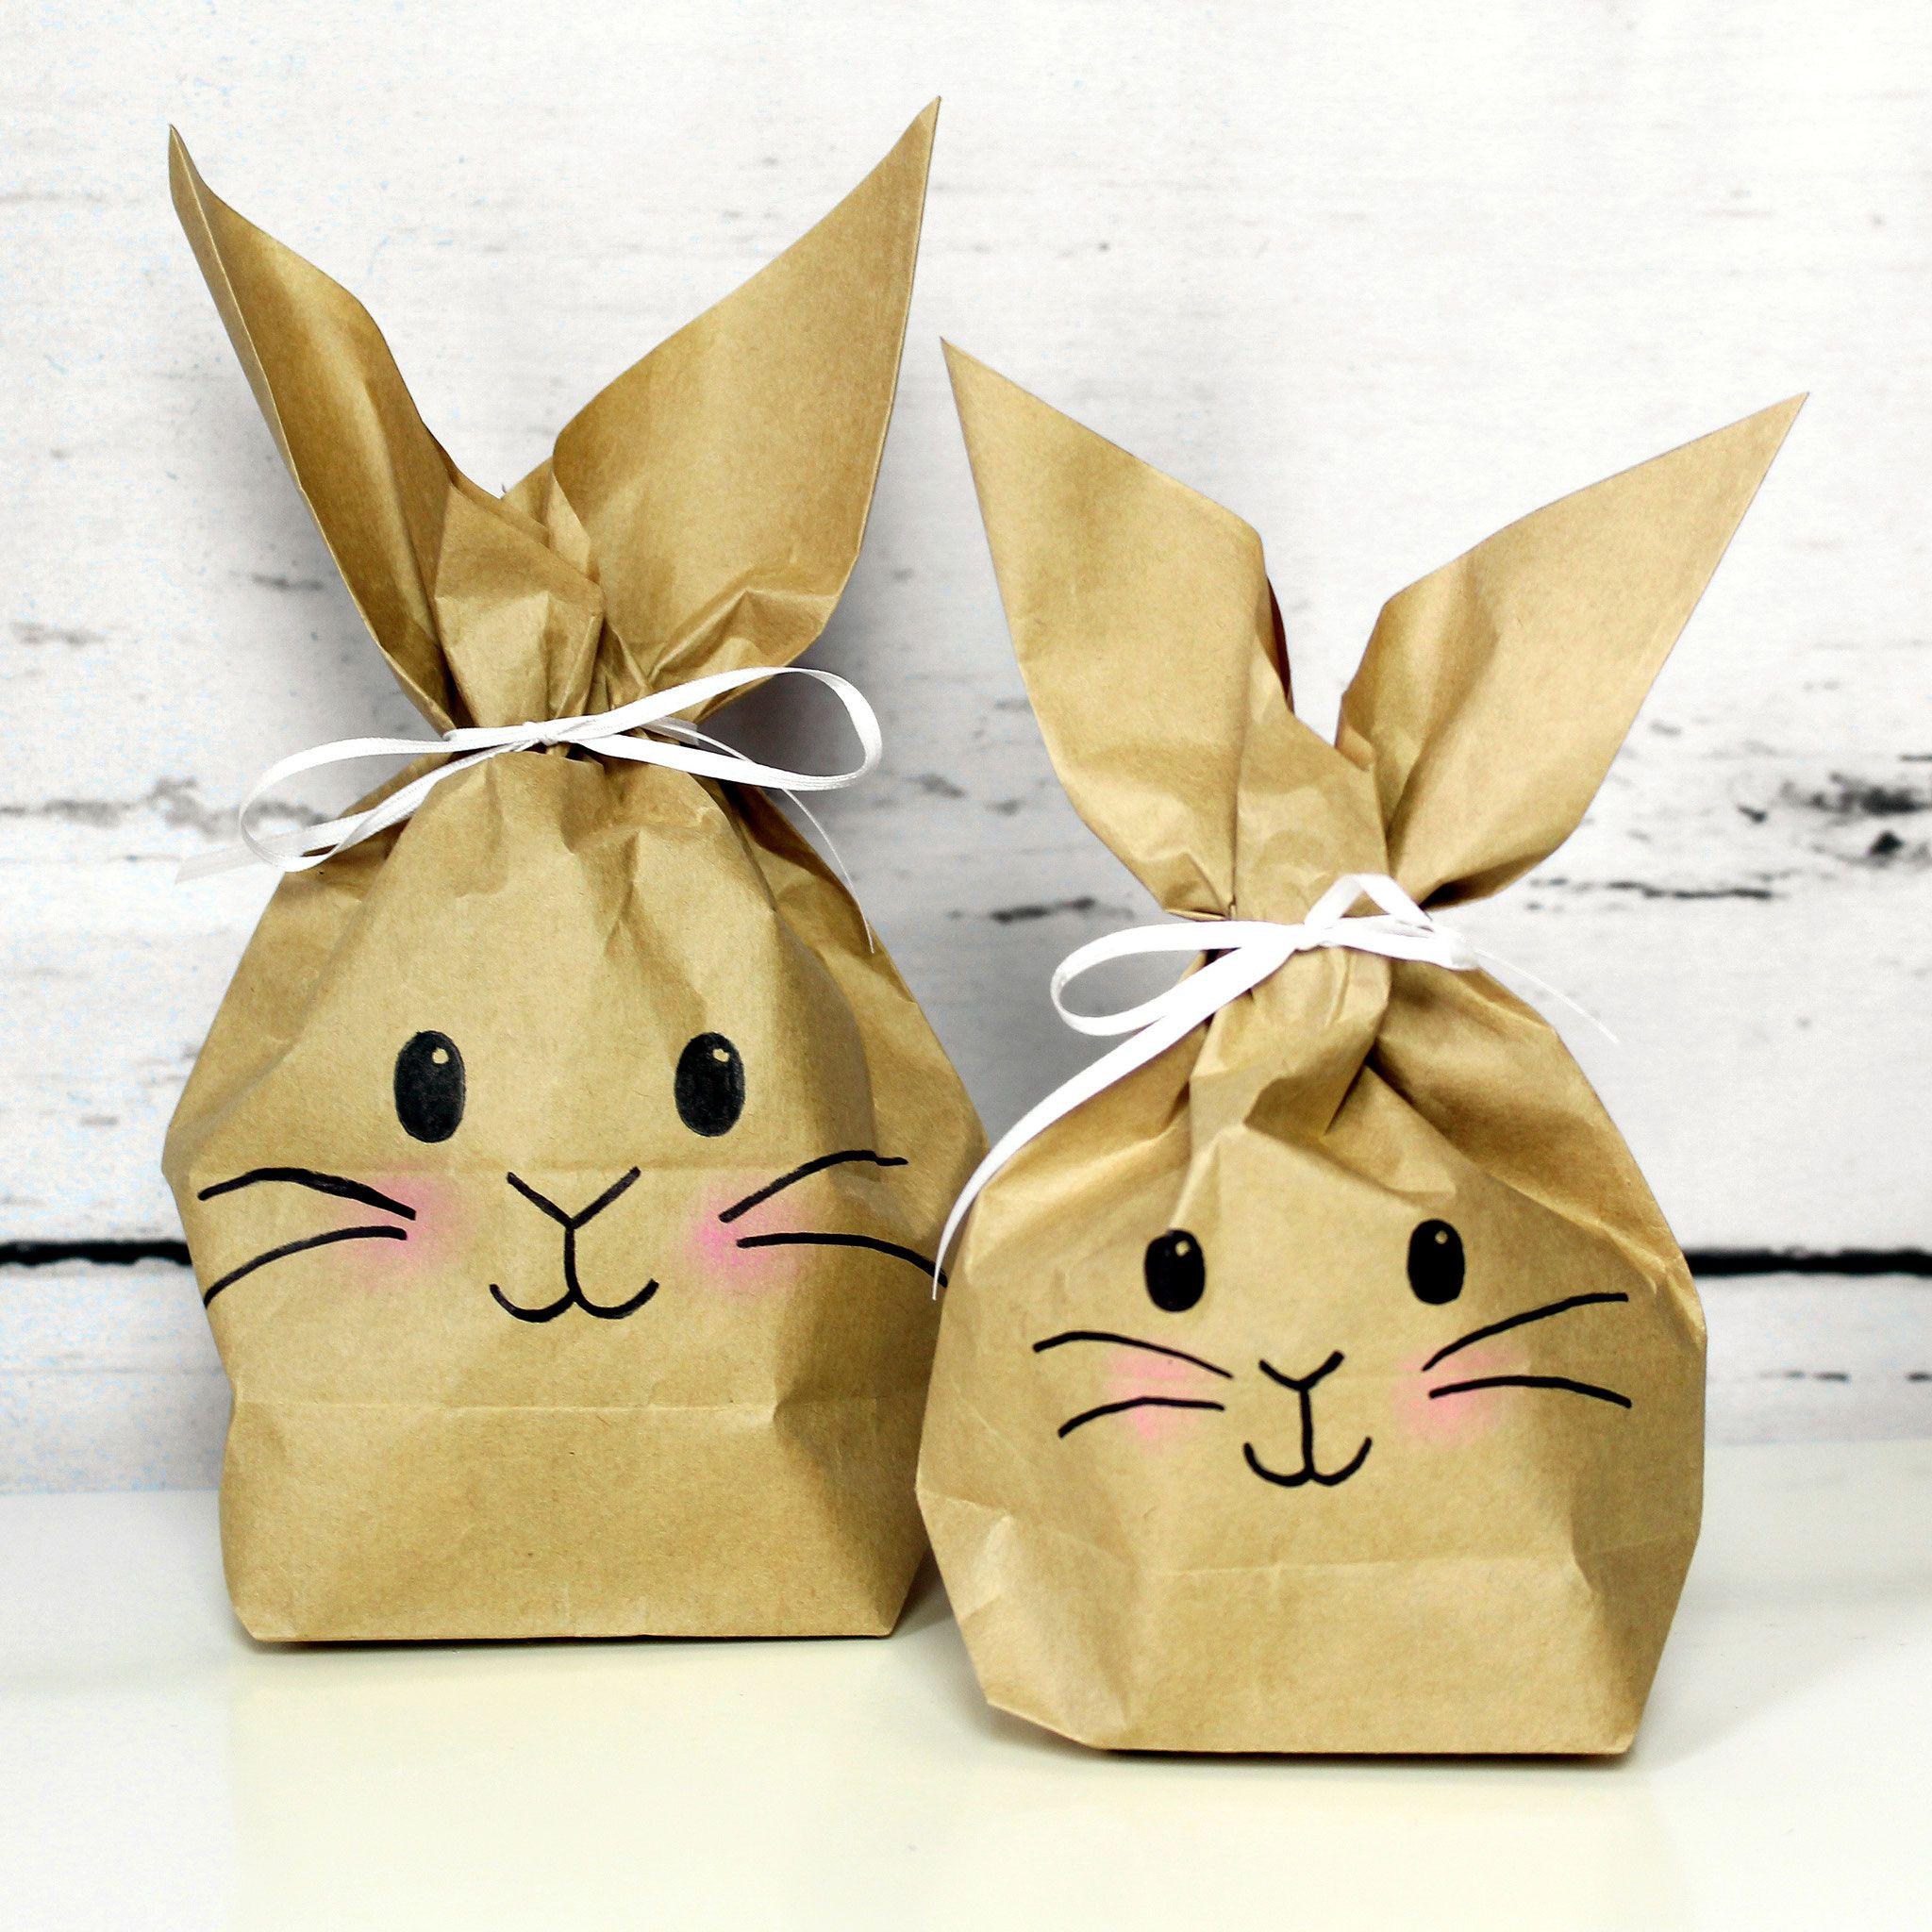 Papiertüten, Ostern, Hasen, Osterhasen, Geschenkverpackung, handgemacht, handmade, DIY